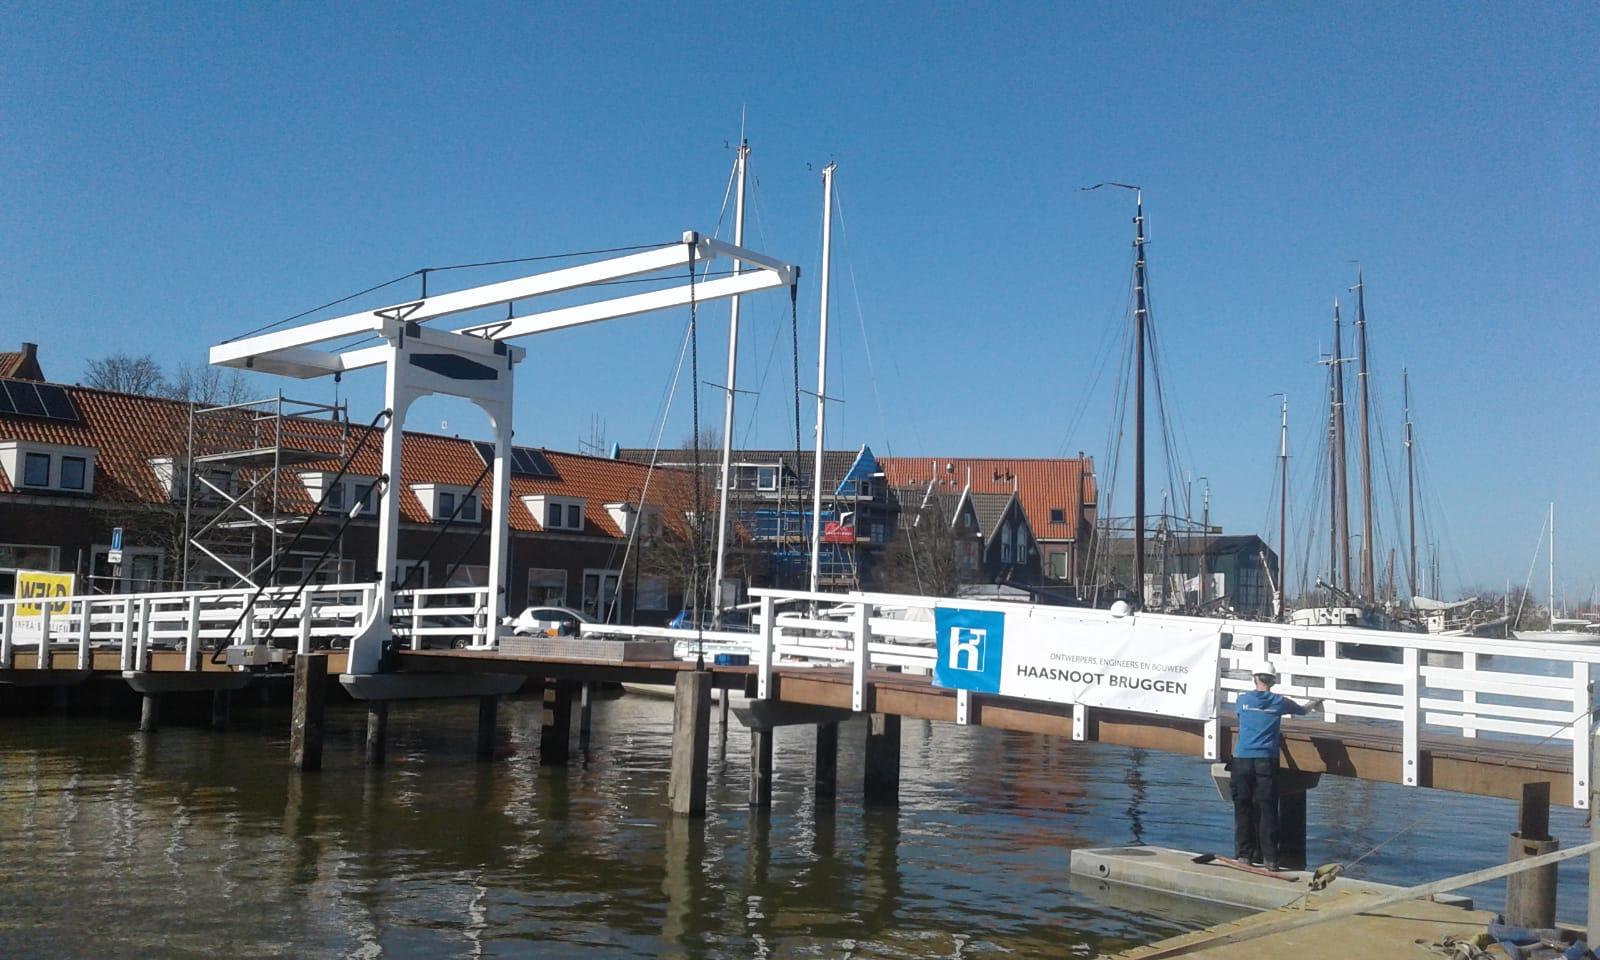 Traditionele ophaalbrug voor monnickendam-Haasnoot-Bruggen